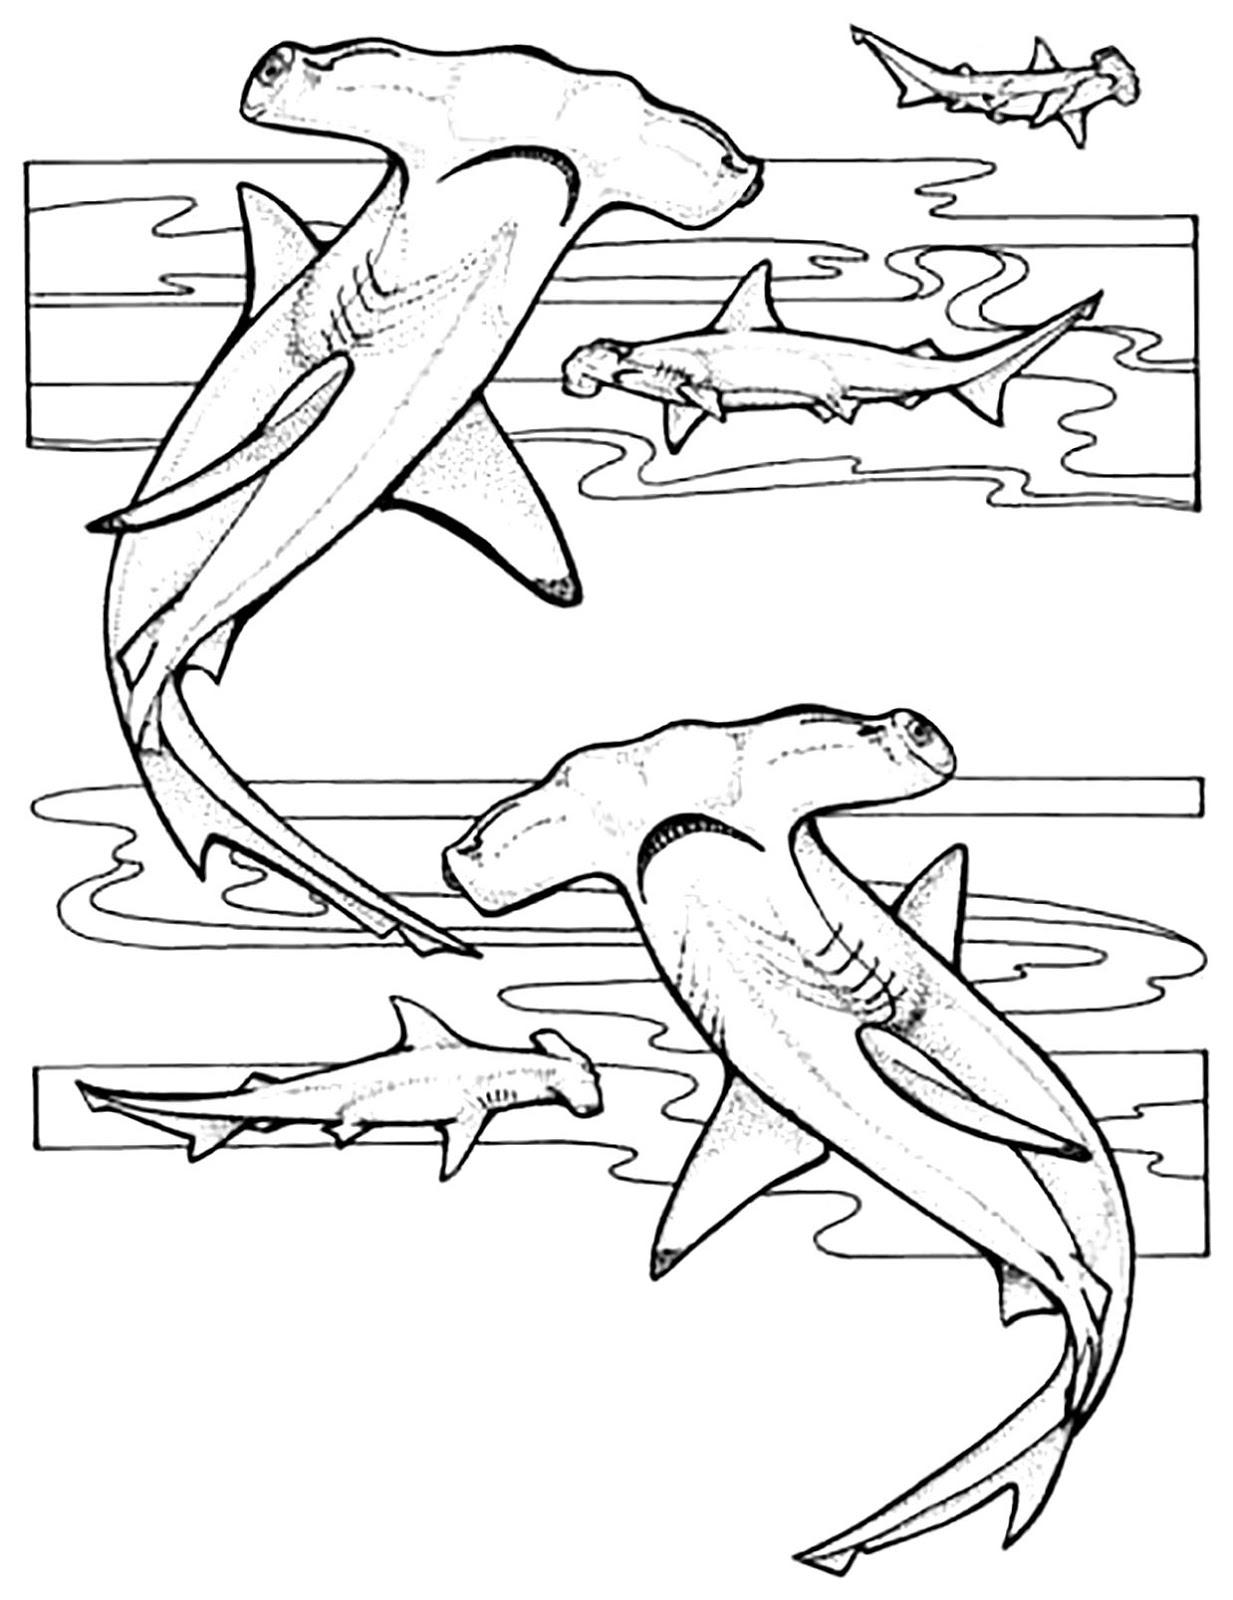 Tranh cho bé tô màu con cá mập 4